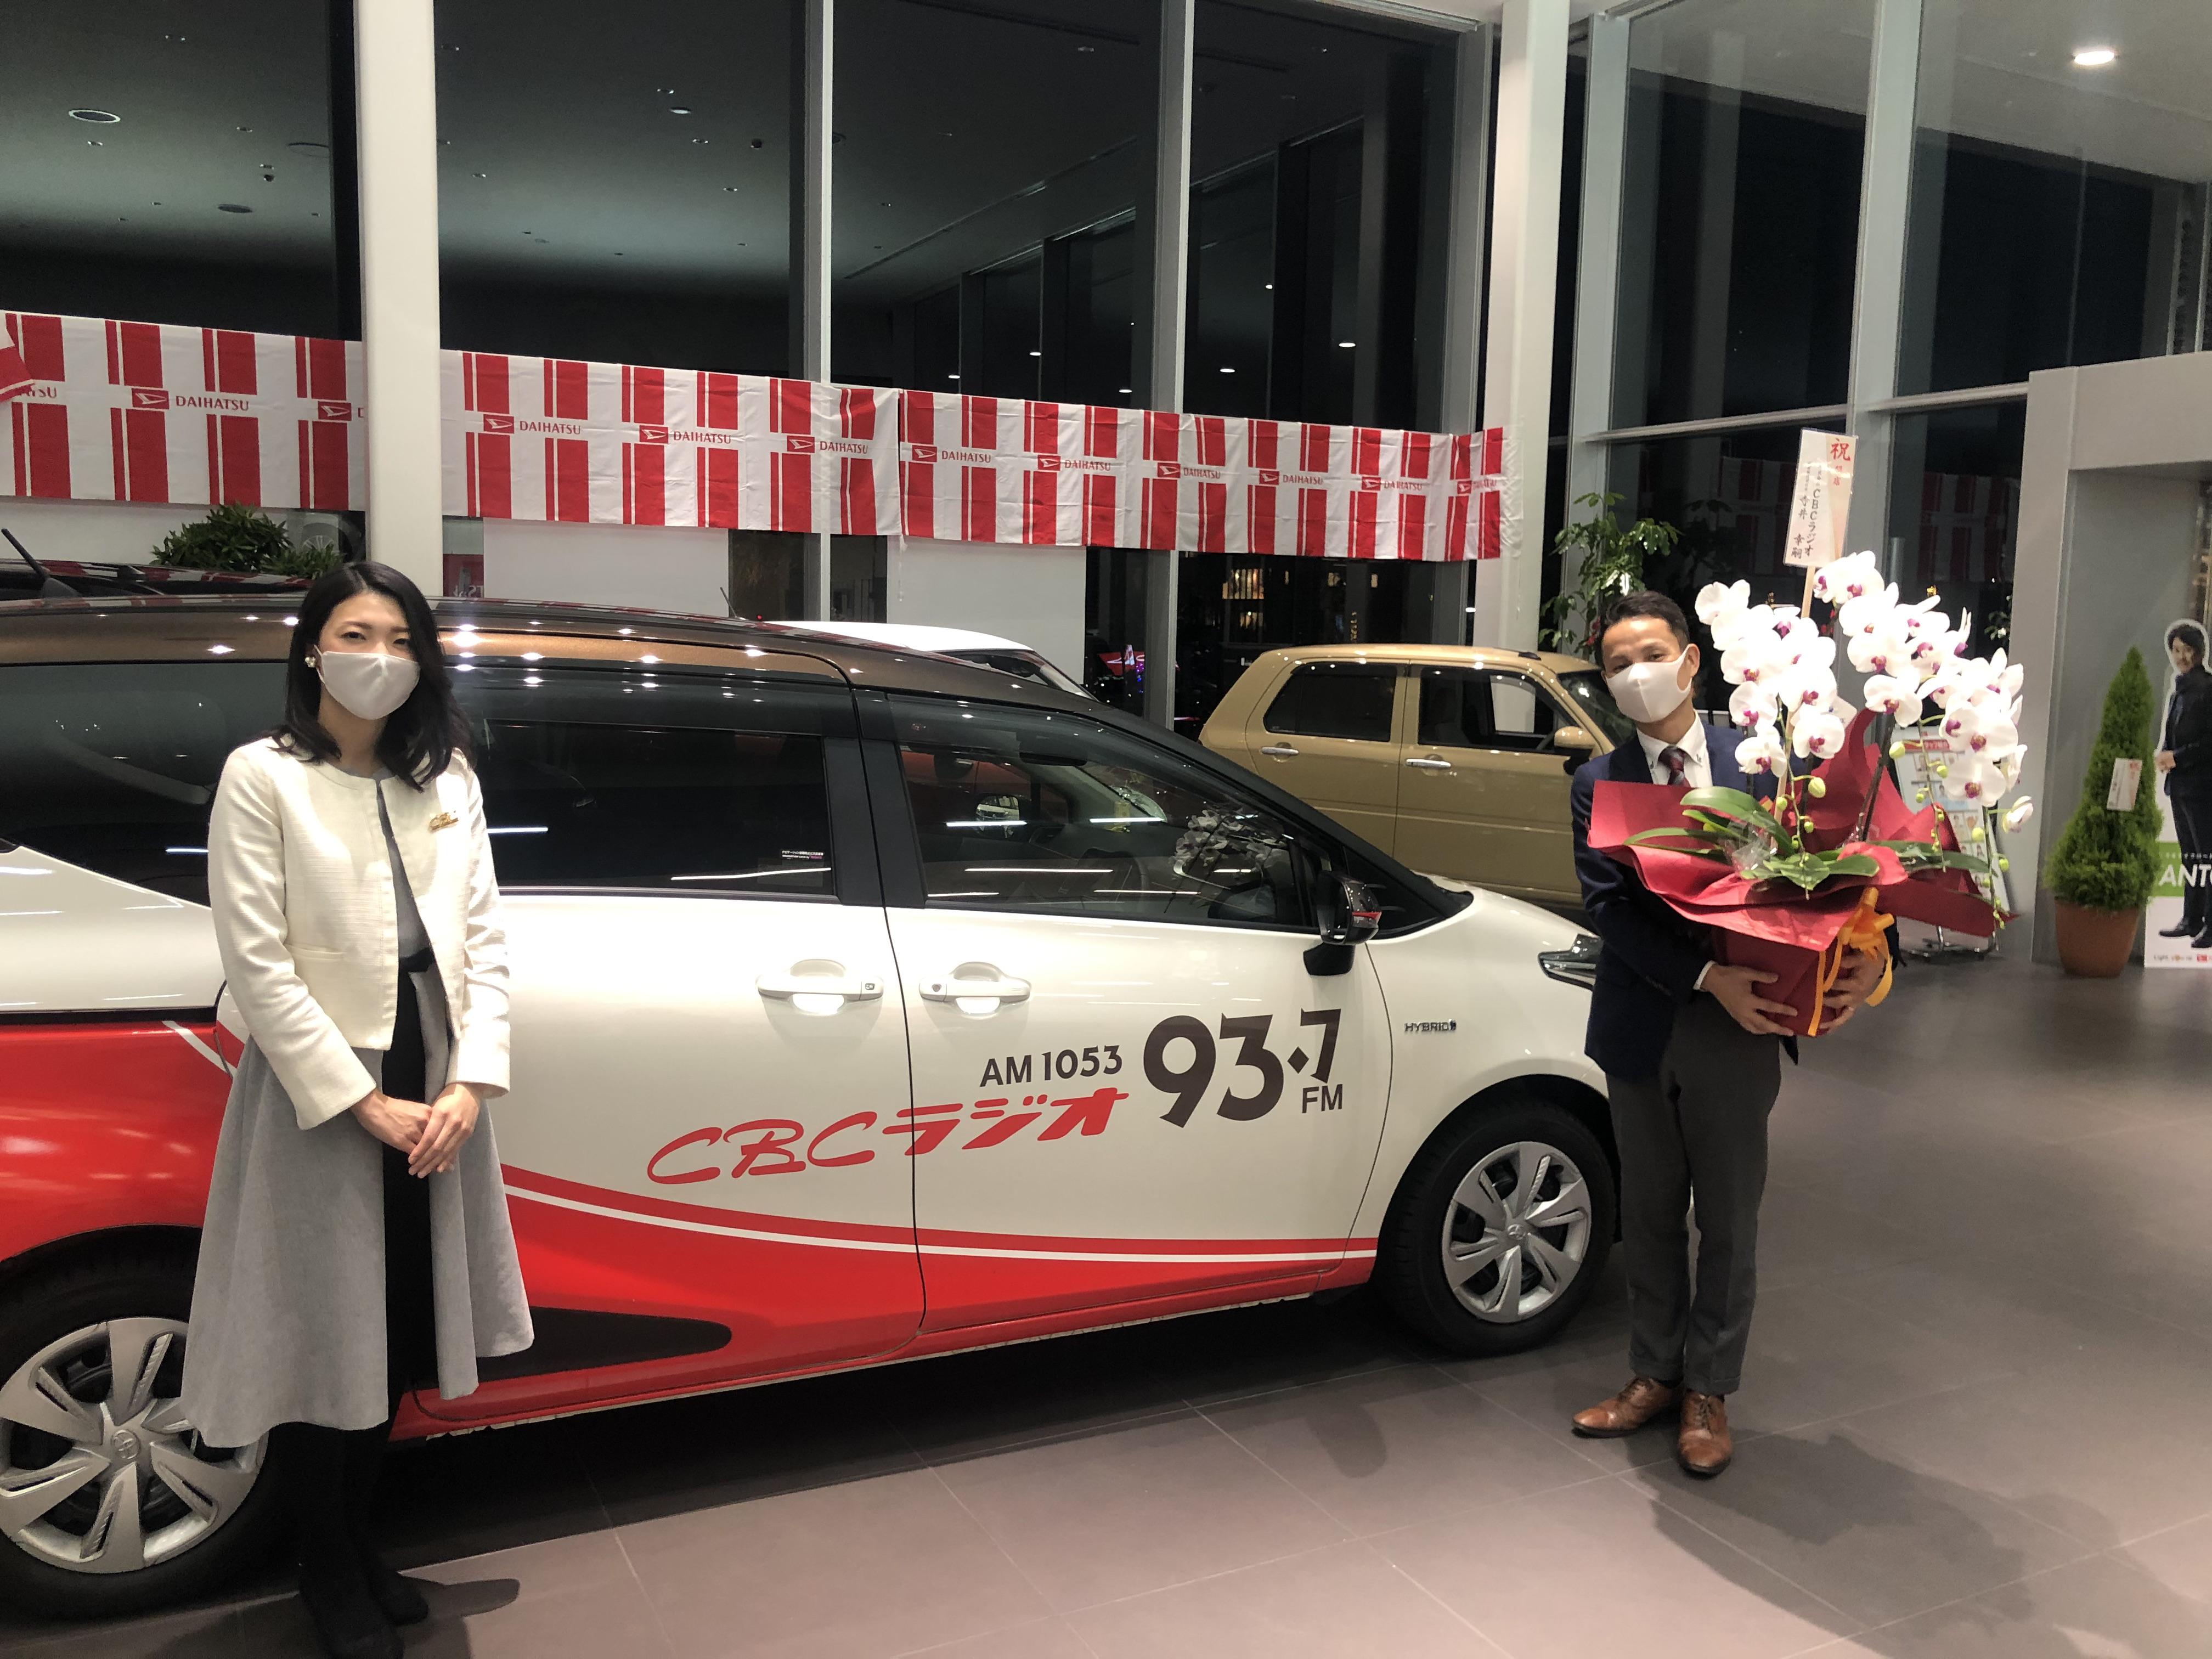 CBCラジオレポートドライバー